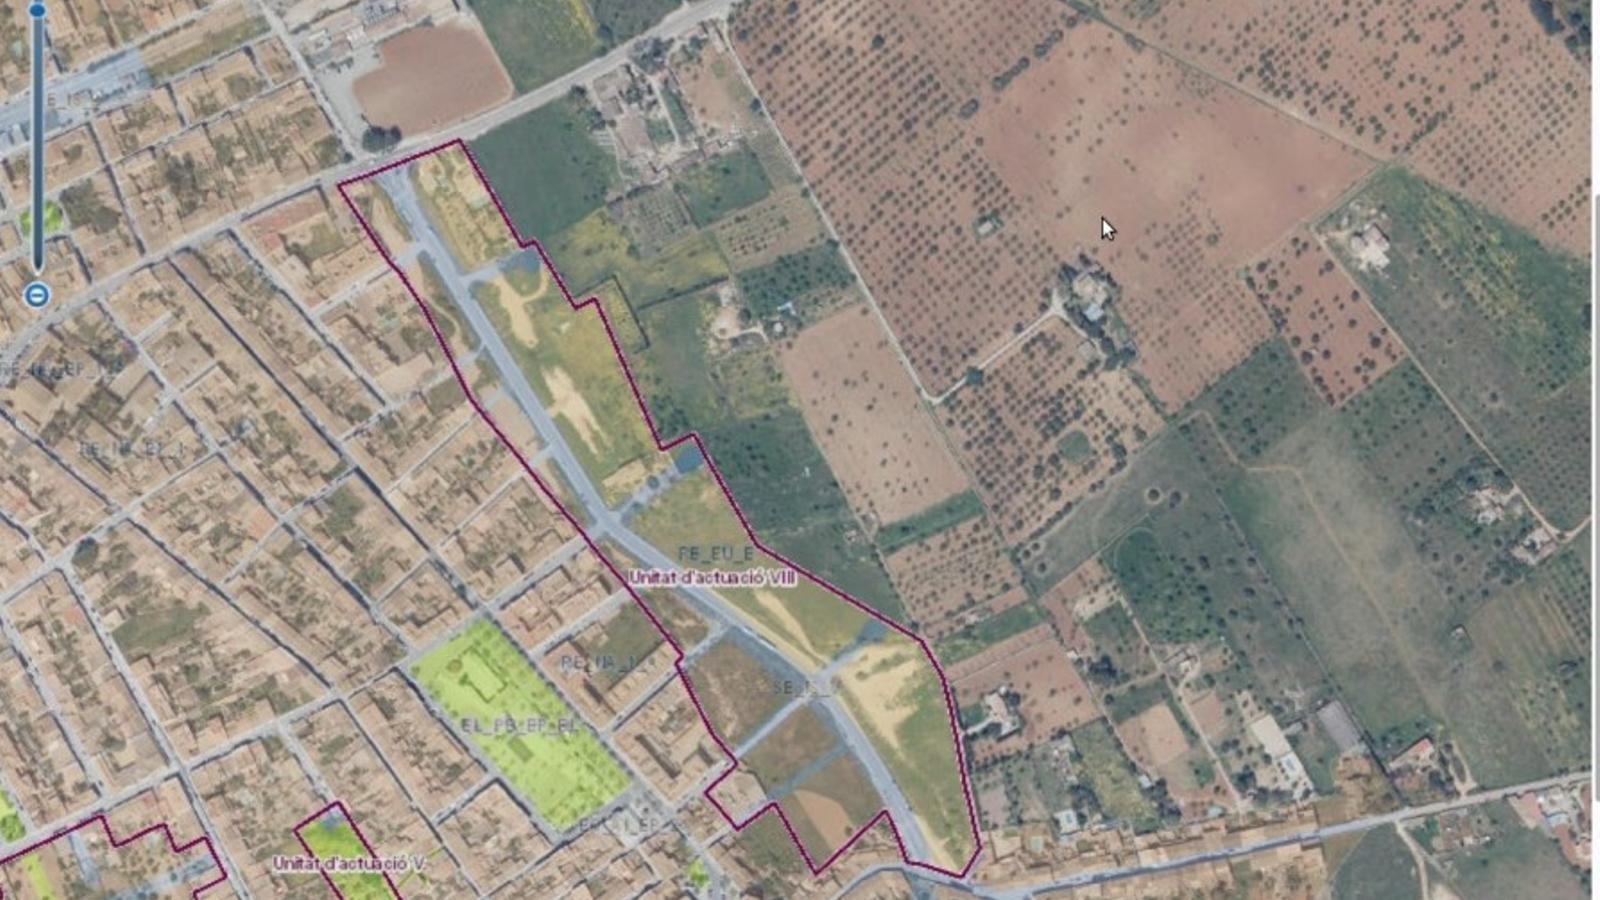 El mapa de Santa Maria amb les zones d'actuació afectades